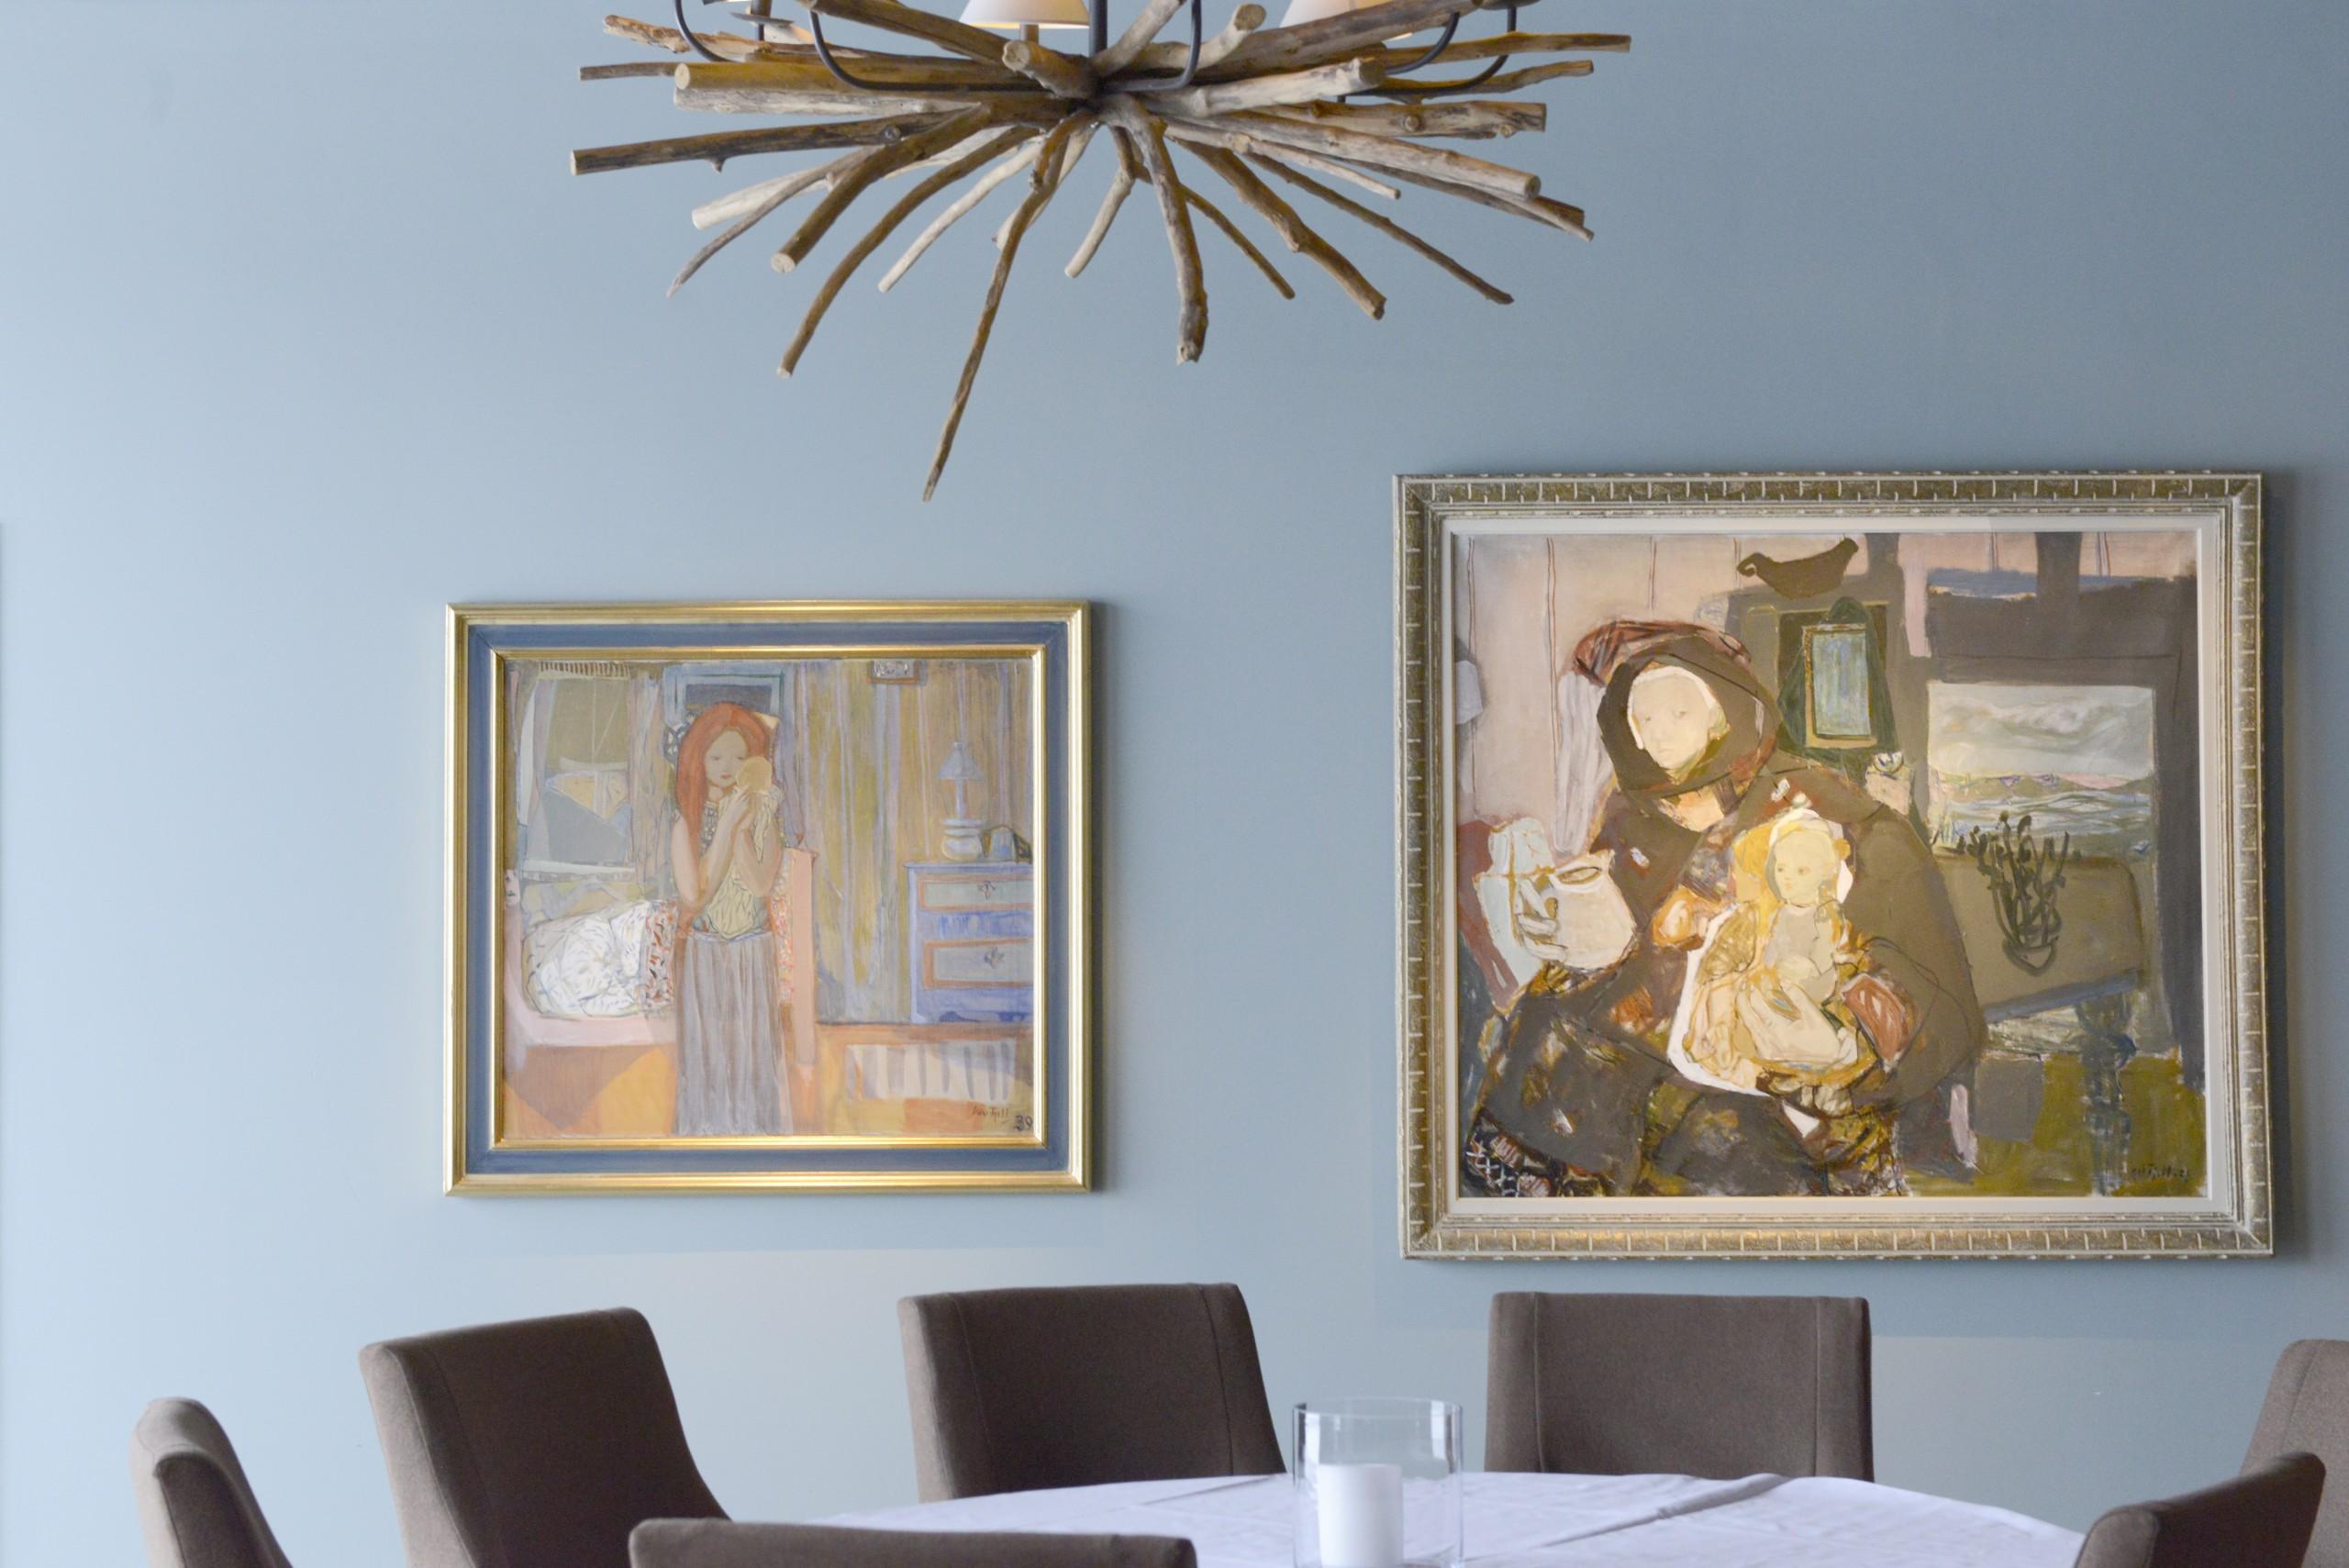 """""""Morgen"""" 1939/43 Olje på lerret 89x100 cm Var han ikke fornøyd, satte Kai Fjell bort maleriet, eller han brant det opp. I 1939 satte han bort dette bildet og tok det ikke fram før i 1943. Året etter at hans første sønn ble født. Nå ble maleriet korrigert, signert og datert. Senere fikk bildet sitt opprinnelige årstall -39. """"To generasjoner» 1938 Olje på lerret 127x140 cm Maleriet «To generasjoner» var utstilt på Biennalen i Venezia i 1952, på . Musée d'Art Moderne de la Ville de Paris i 1963-64, på Kunstnernes Hus, Oslo 1971, på Henie-Onstad Kunstsenter på Høvik i 1977 og på Haugar Vestfold Kunstmuseum i 2007."""